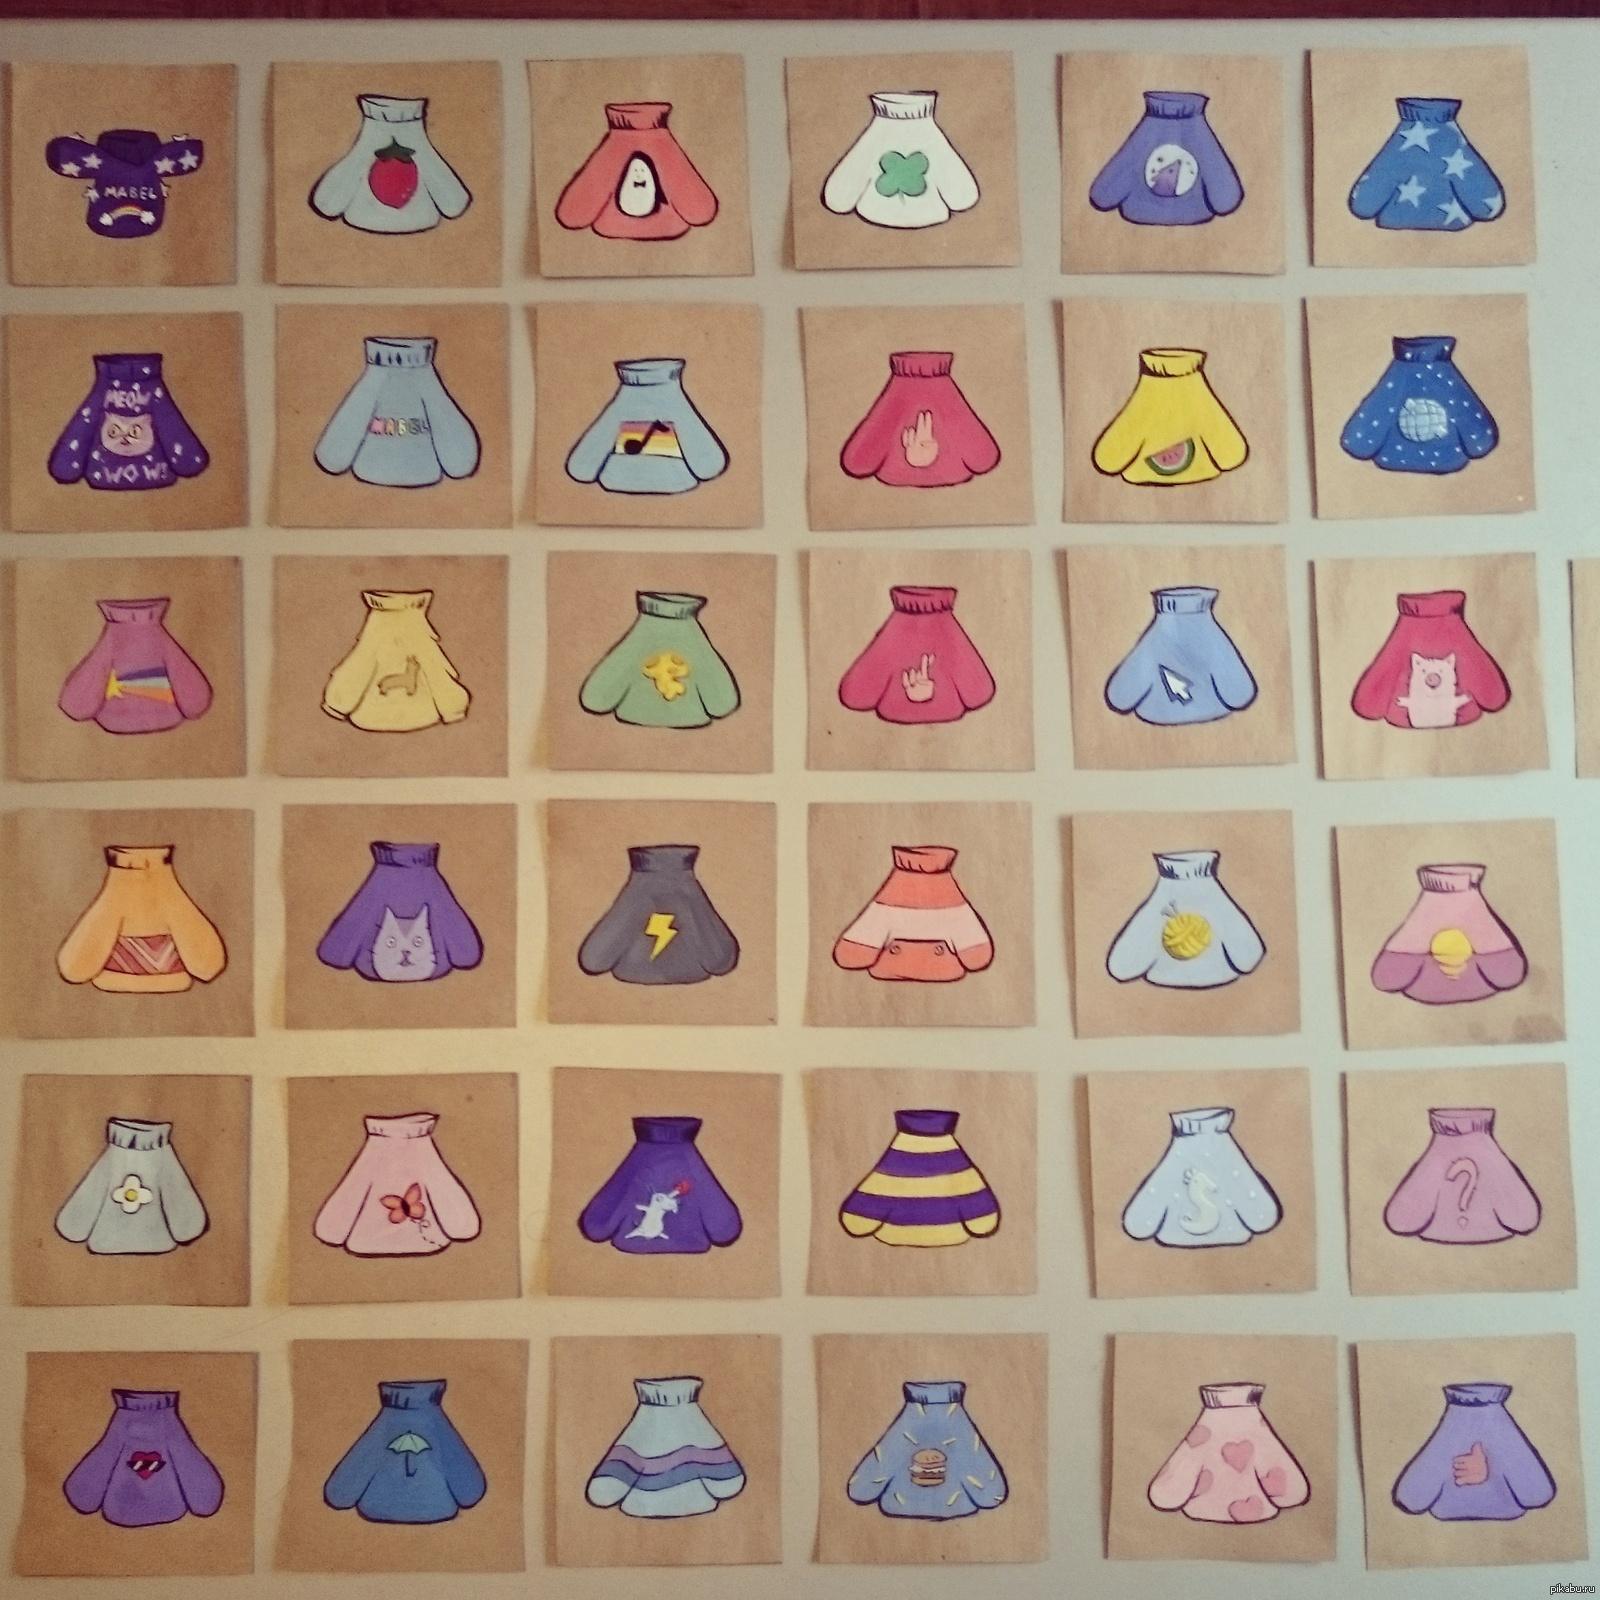 Картинки всех свитеров мейбл из гравити фолз